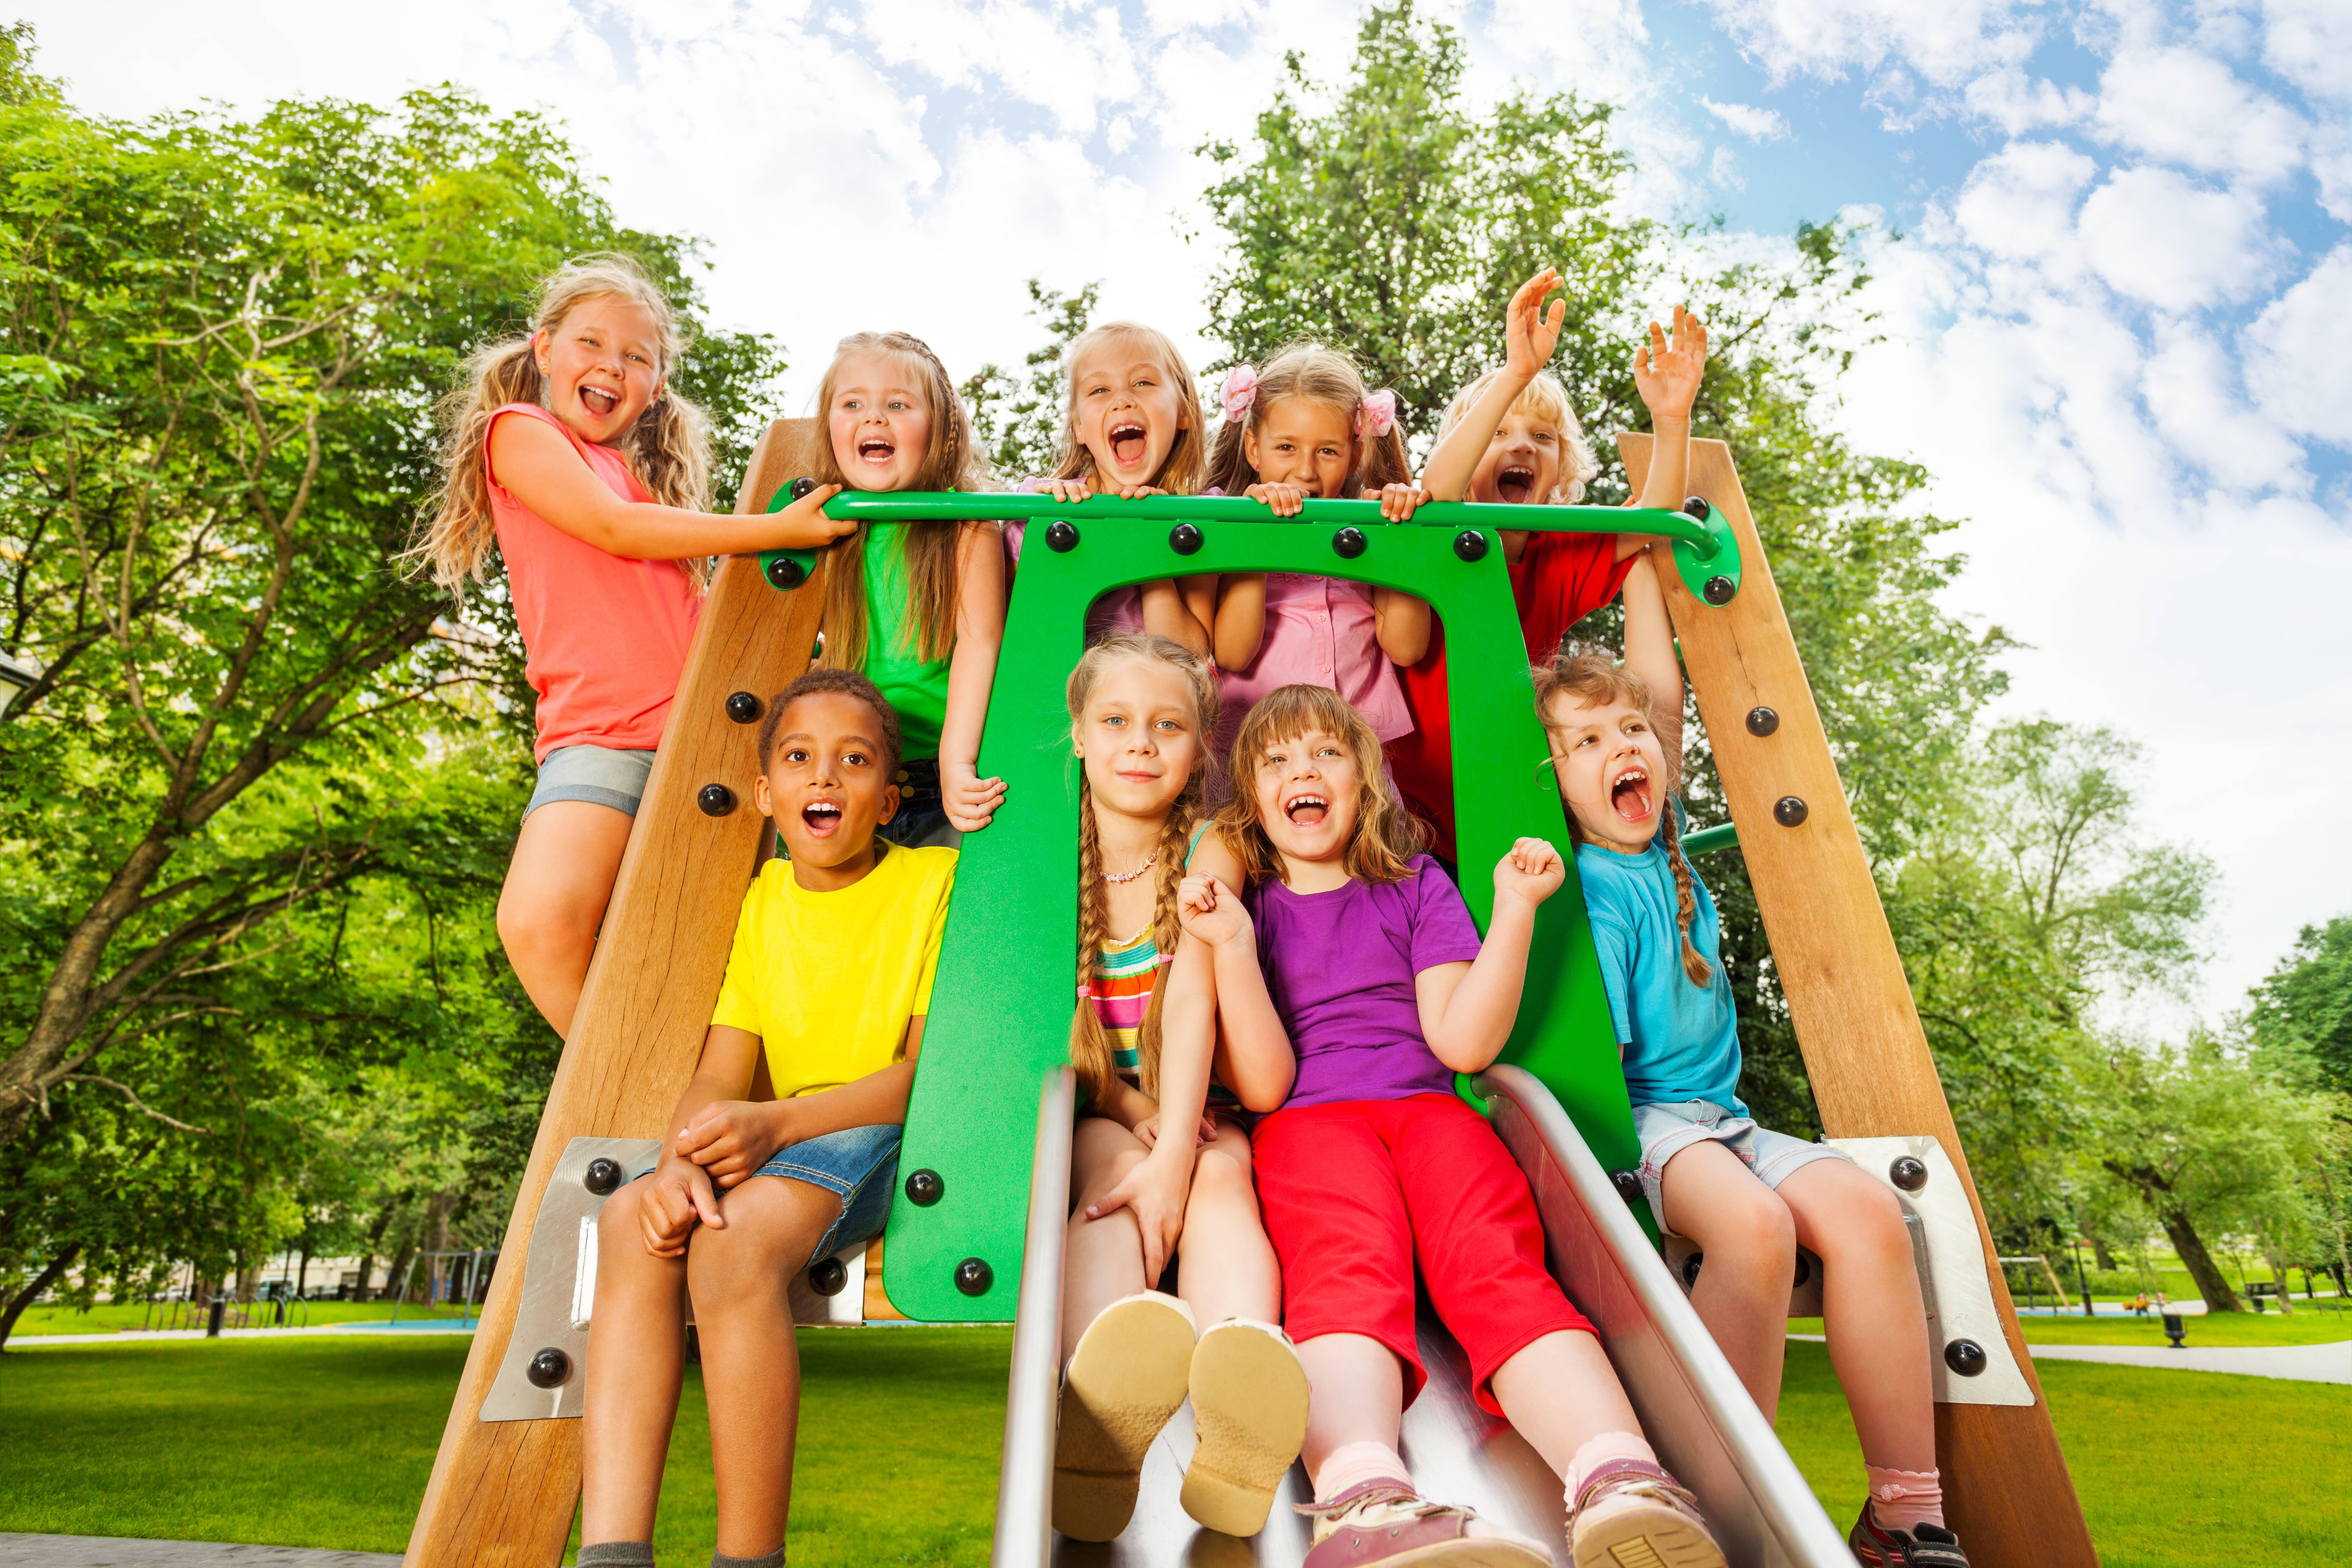 Kinderen gezellig op een klimrek